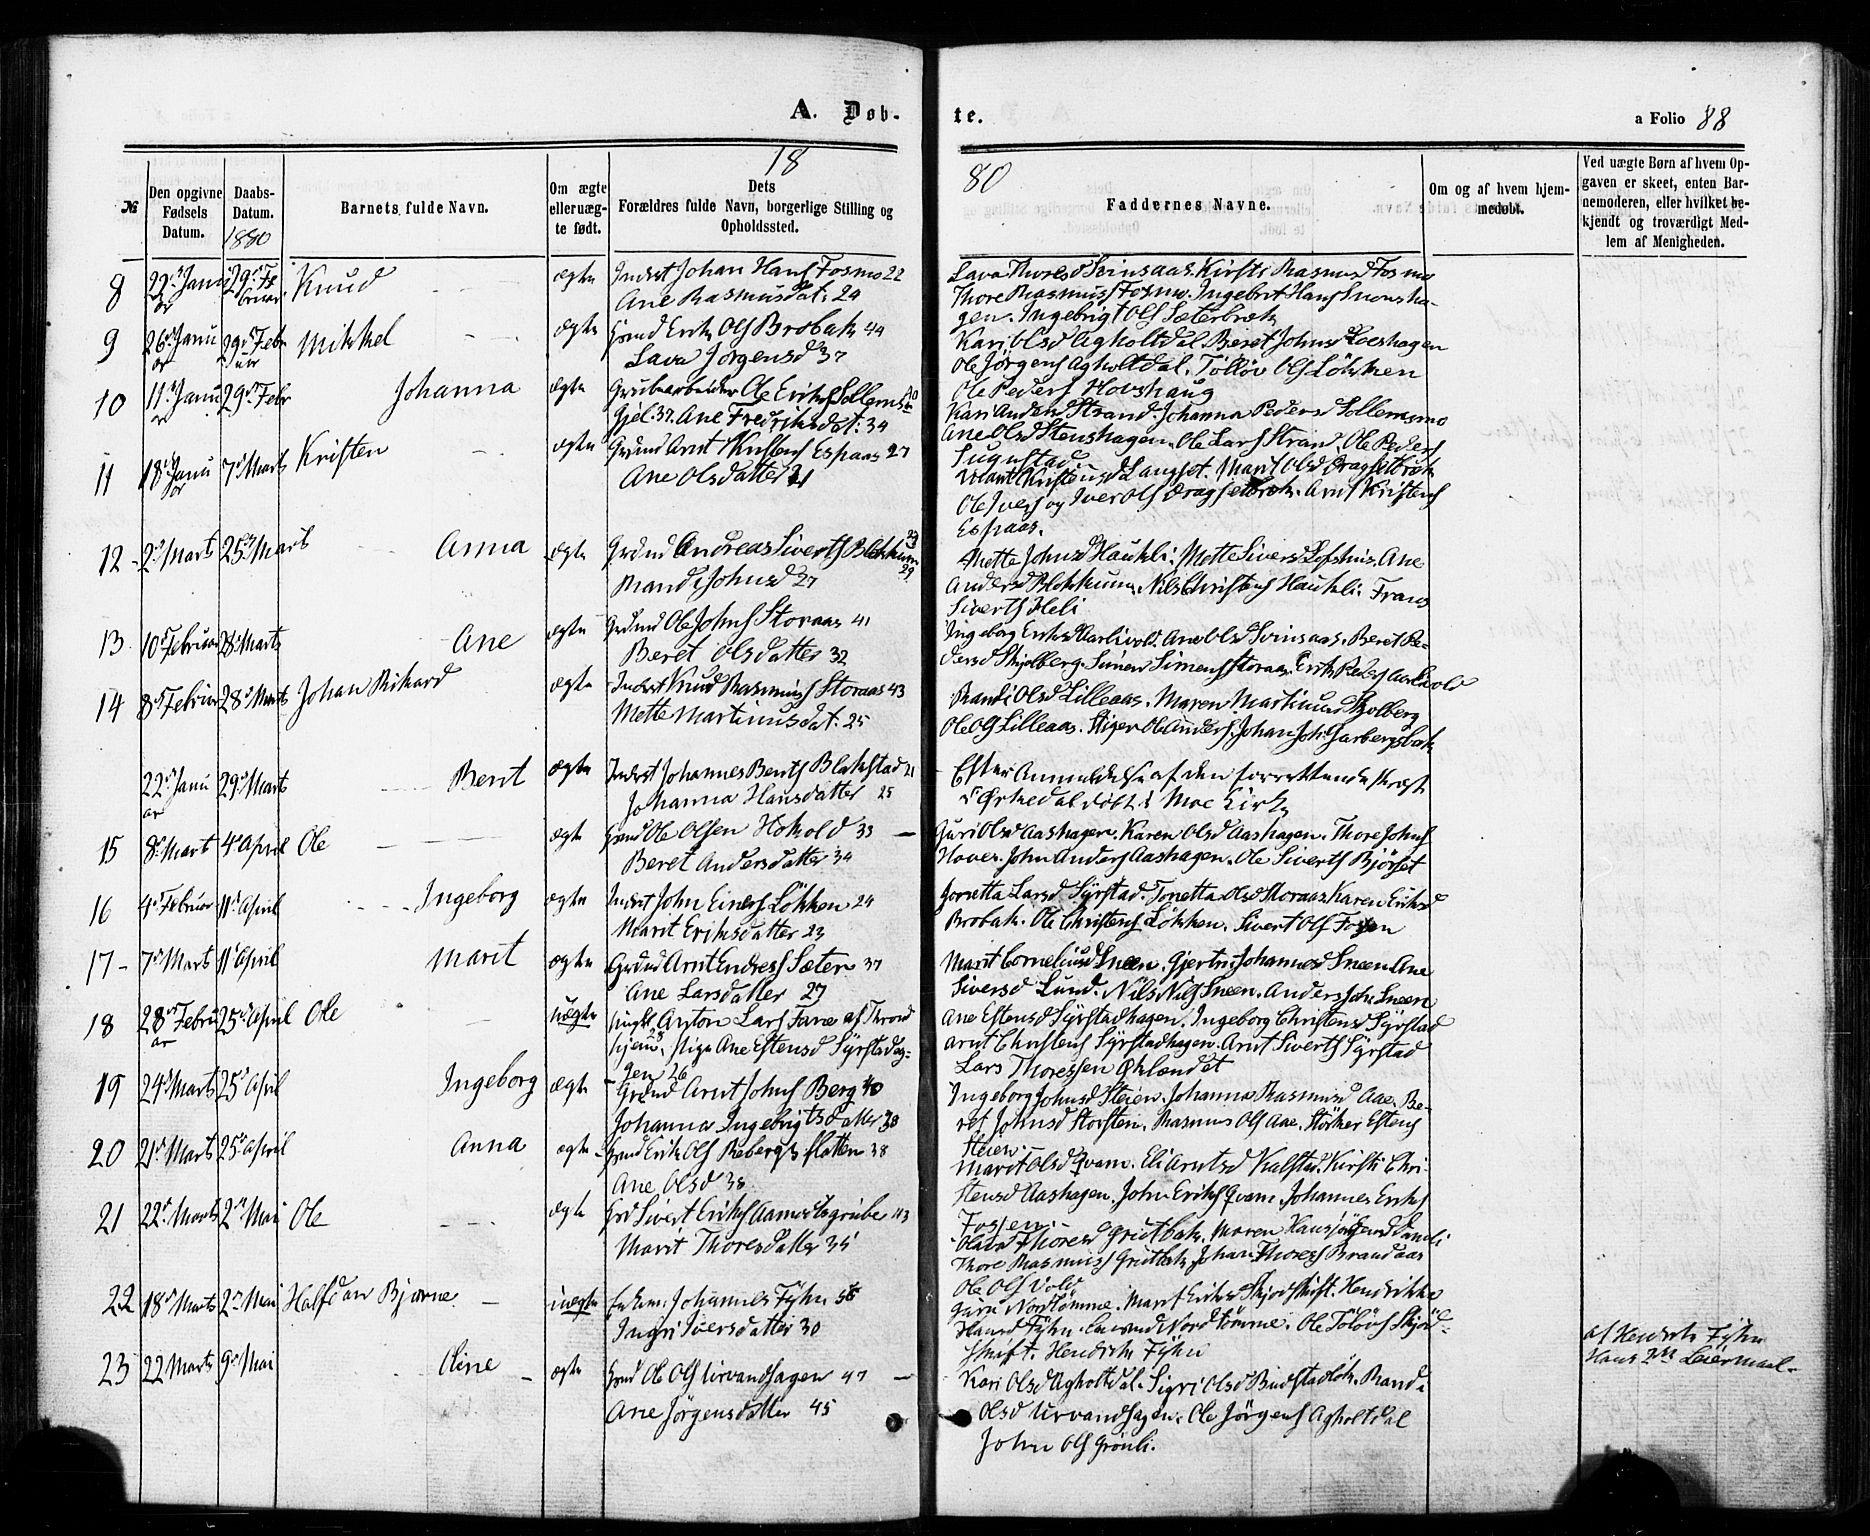 SAT, Ministerialprotokoller, klokkerbøker og fødselsregistre - Sør-Trøndelag, 672/L0856: Ministerialbok nr. 672A08, 1861-1881, s. 88